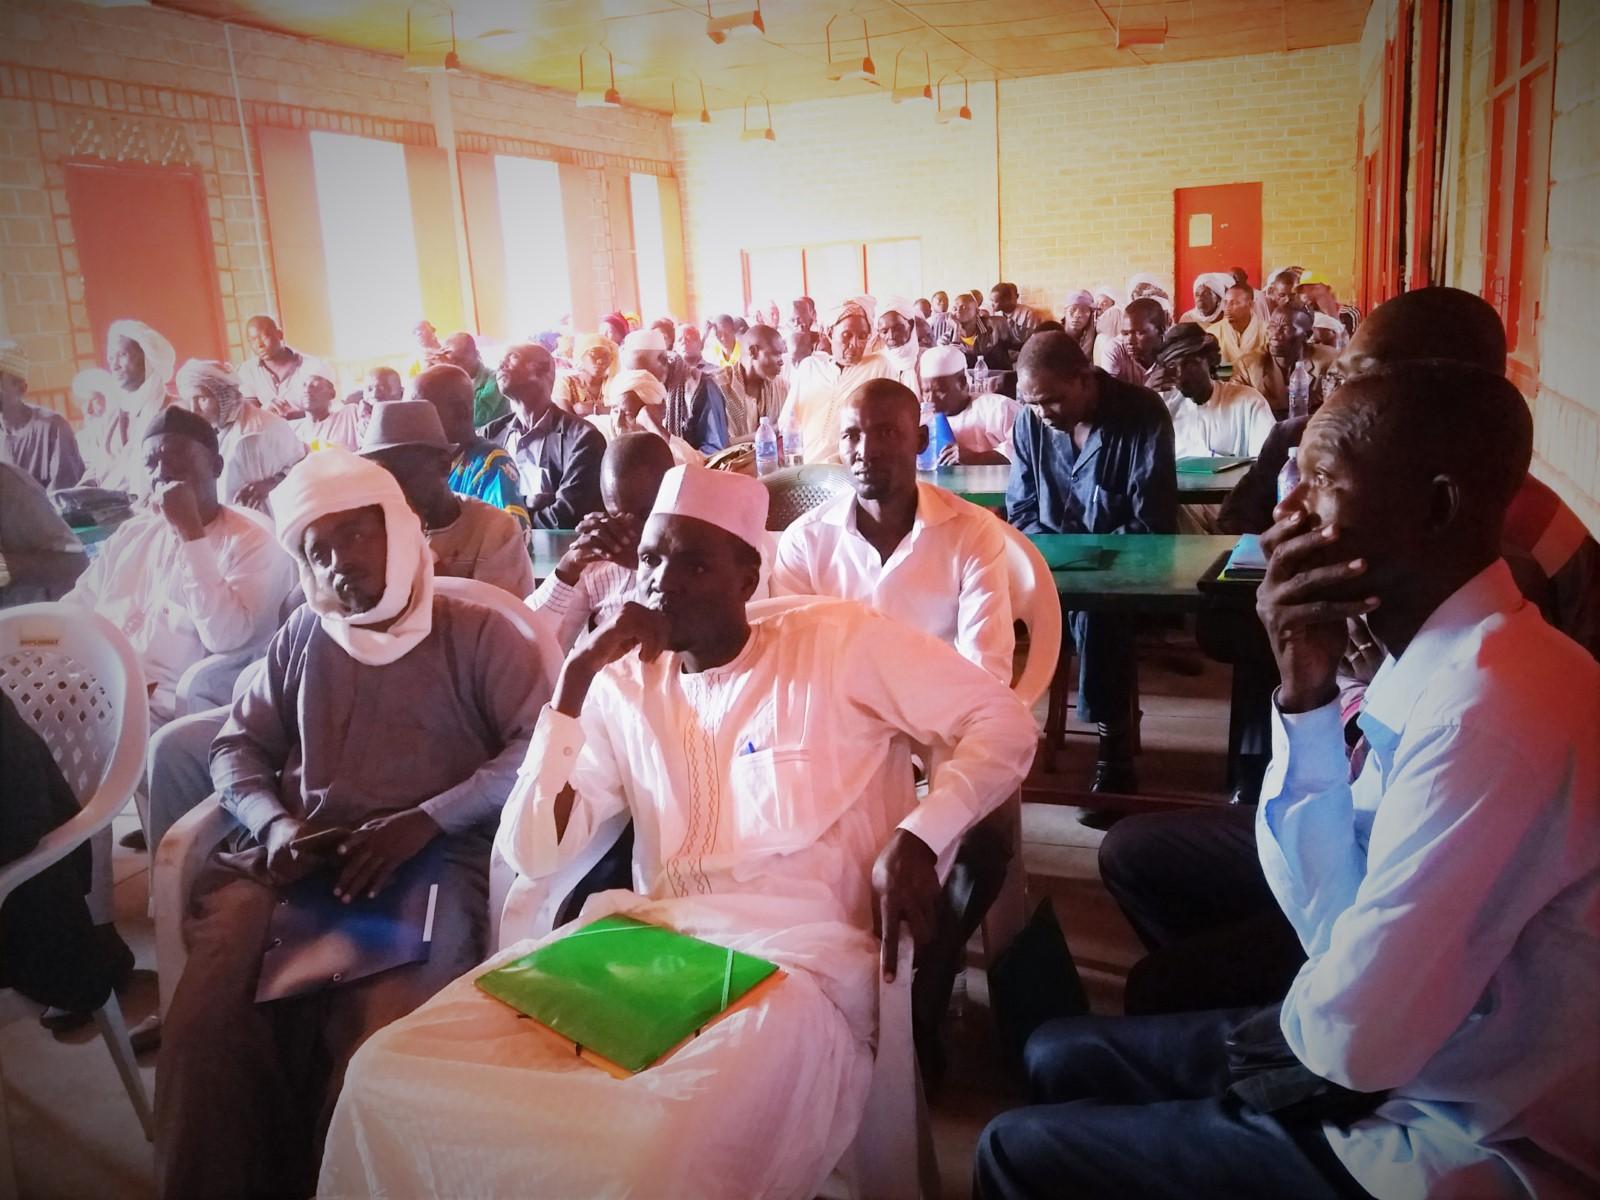 Ateliers départementaux de priorisation des besoins agropastoraux dans les provinces du Mandoul et du Moyen-Chari (Photo Koumra)